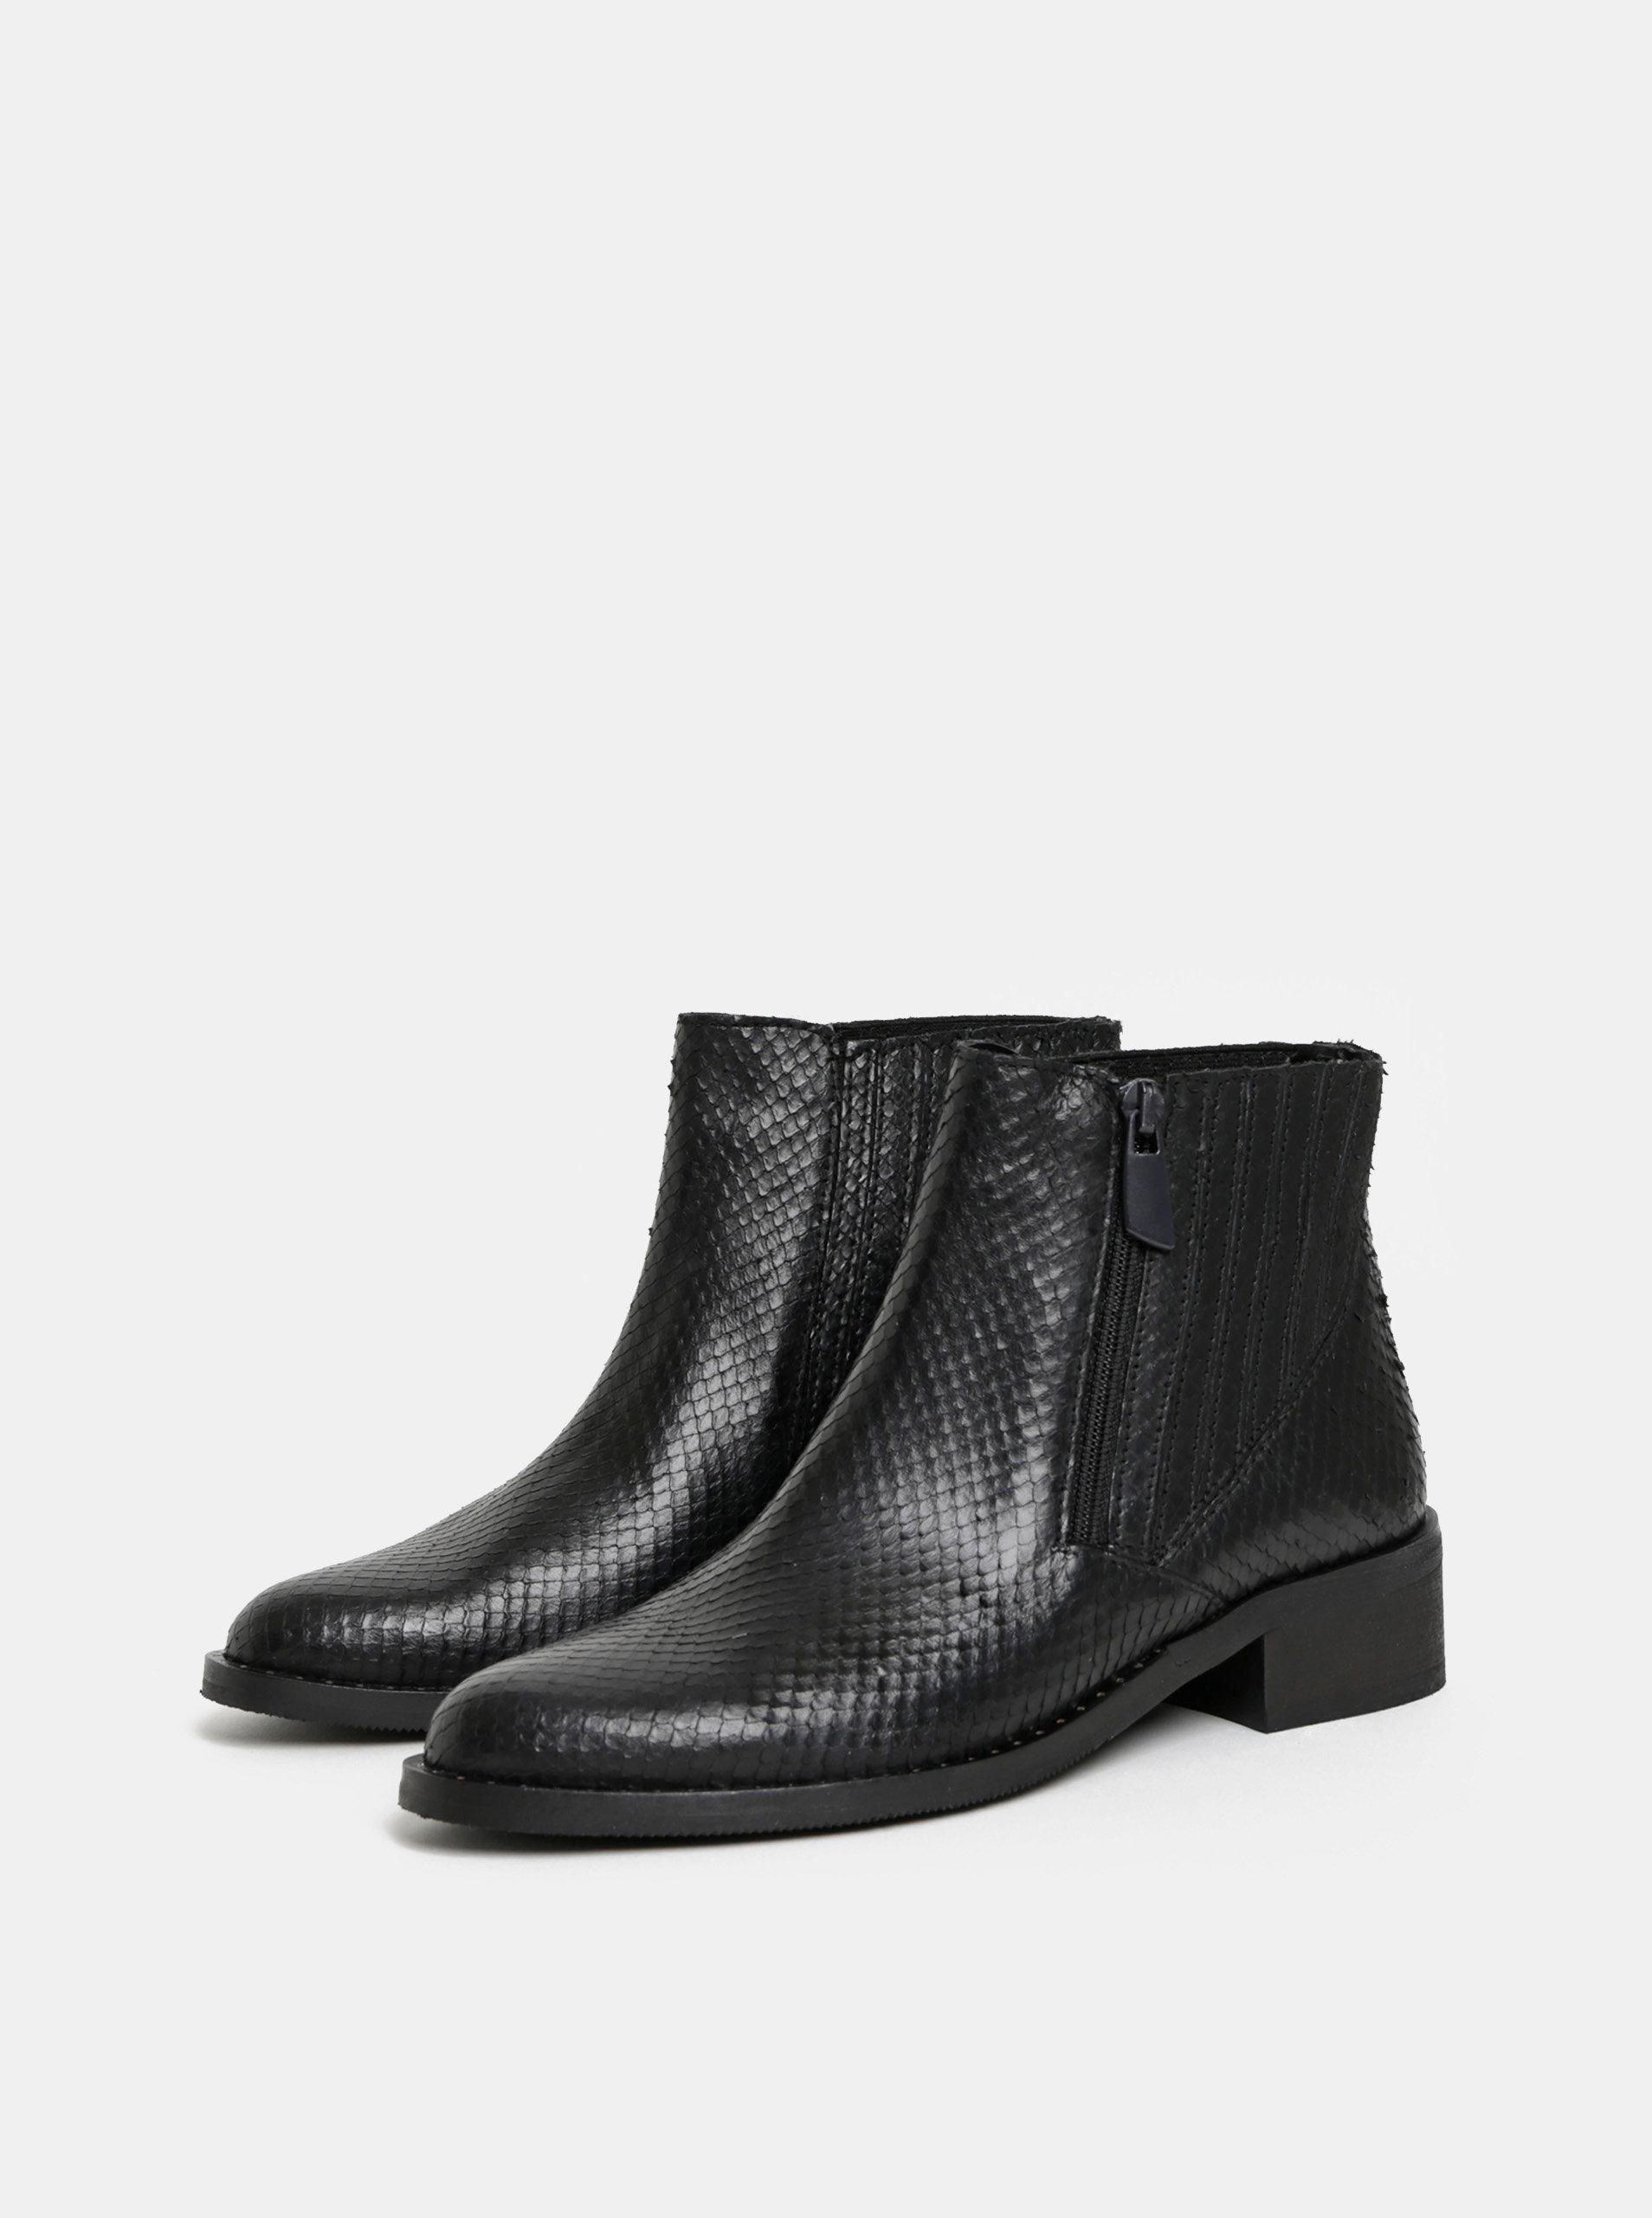 466ae9987abf5 Čierne dámske kožené chelsea topánky ALDO Lovigocia   ZOOT.sk